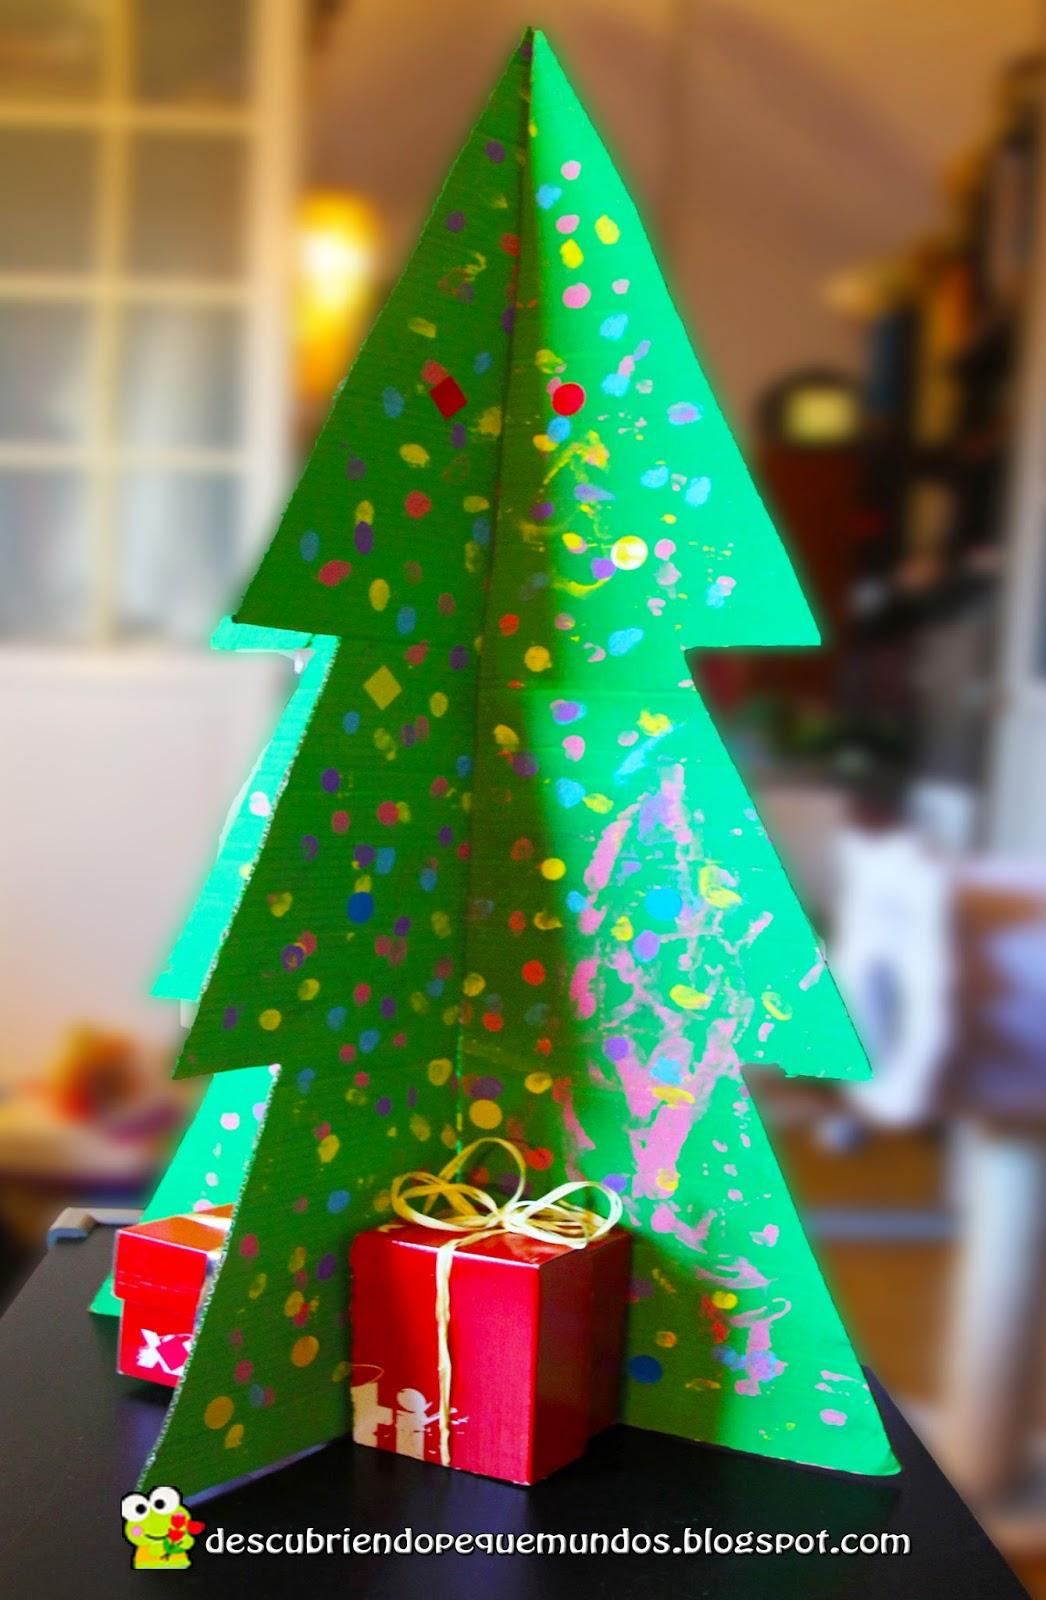 Descubriendo Pequemundos: Árbol de Navidad 3D con materiales reciclados